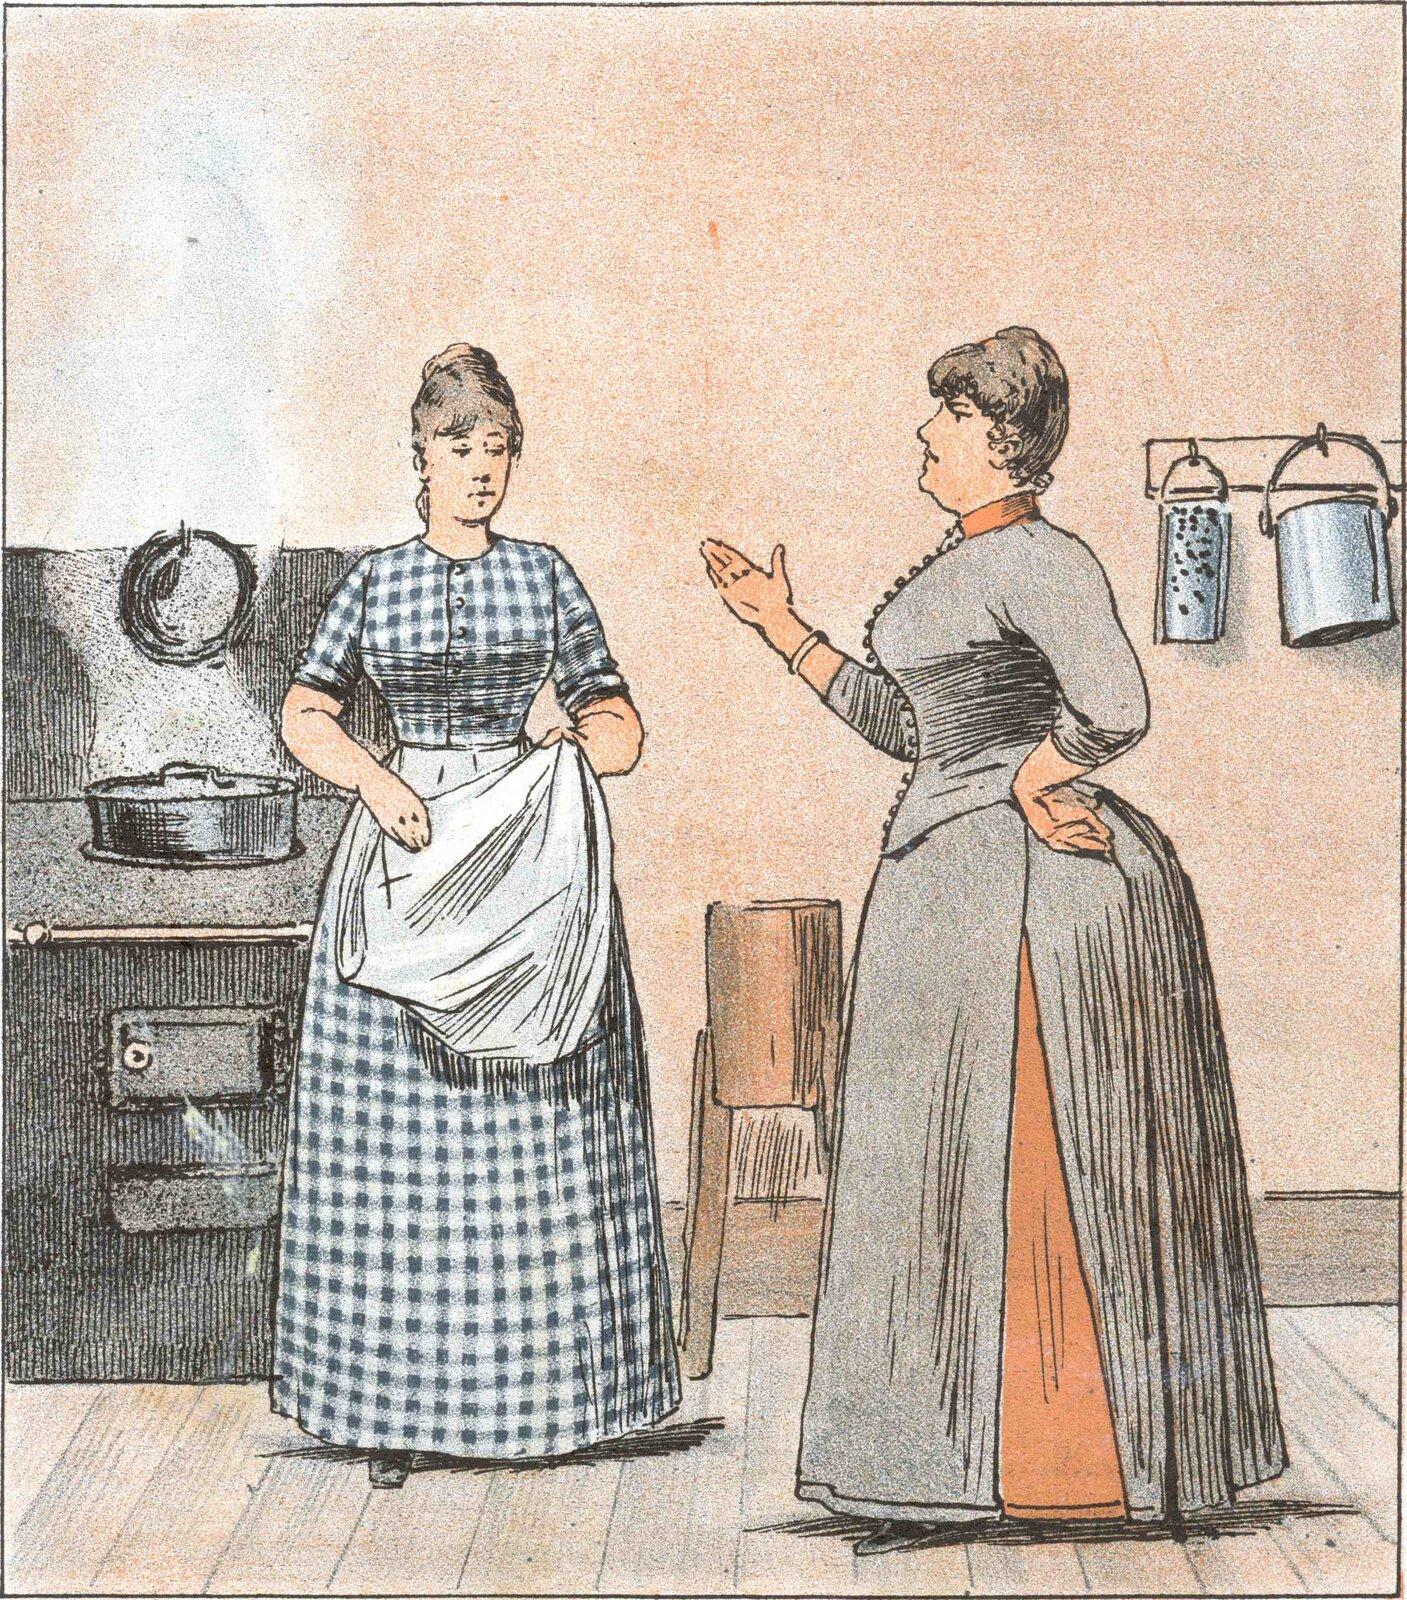 Pani głośno krytykuje kucharkę Źródło: Pani głośno krytykuje kucharkę, 1890, domena publiczna.